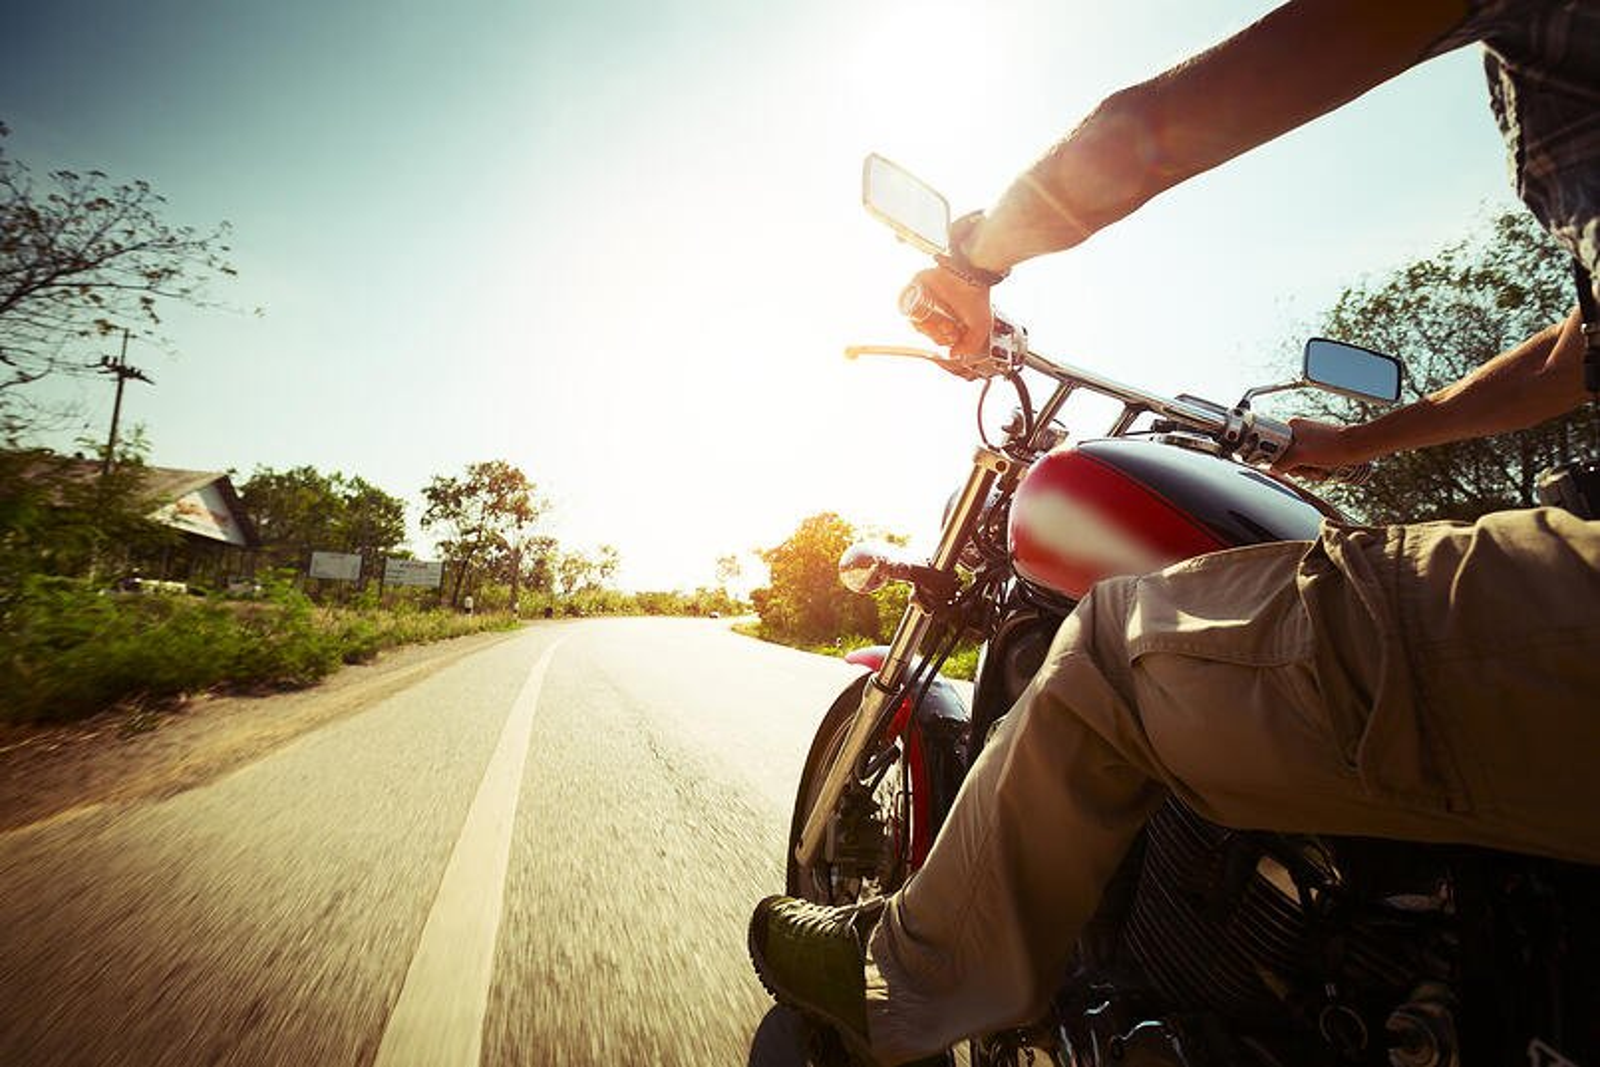 oregon motorcycle dealer bond